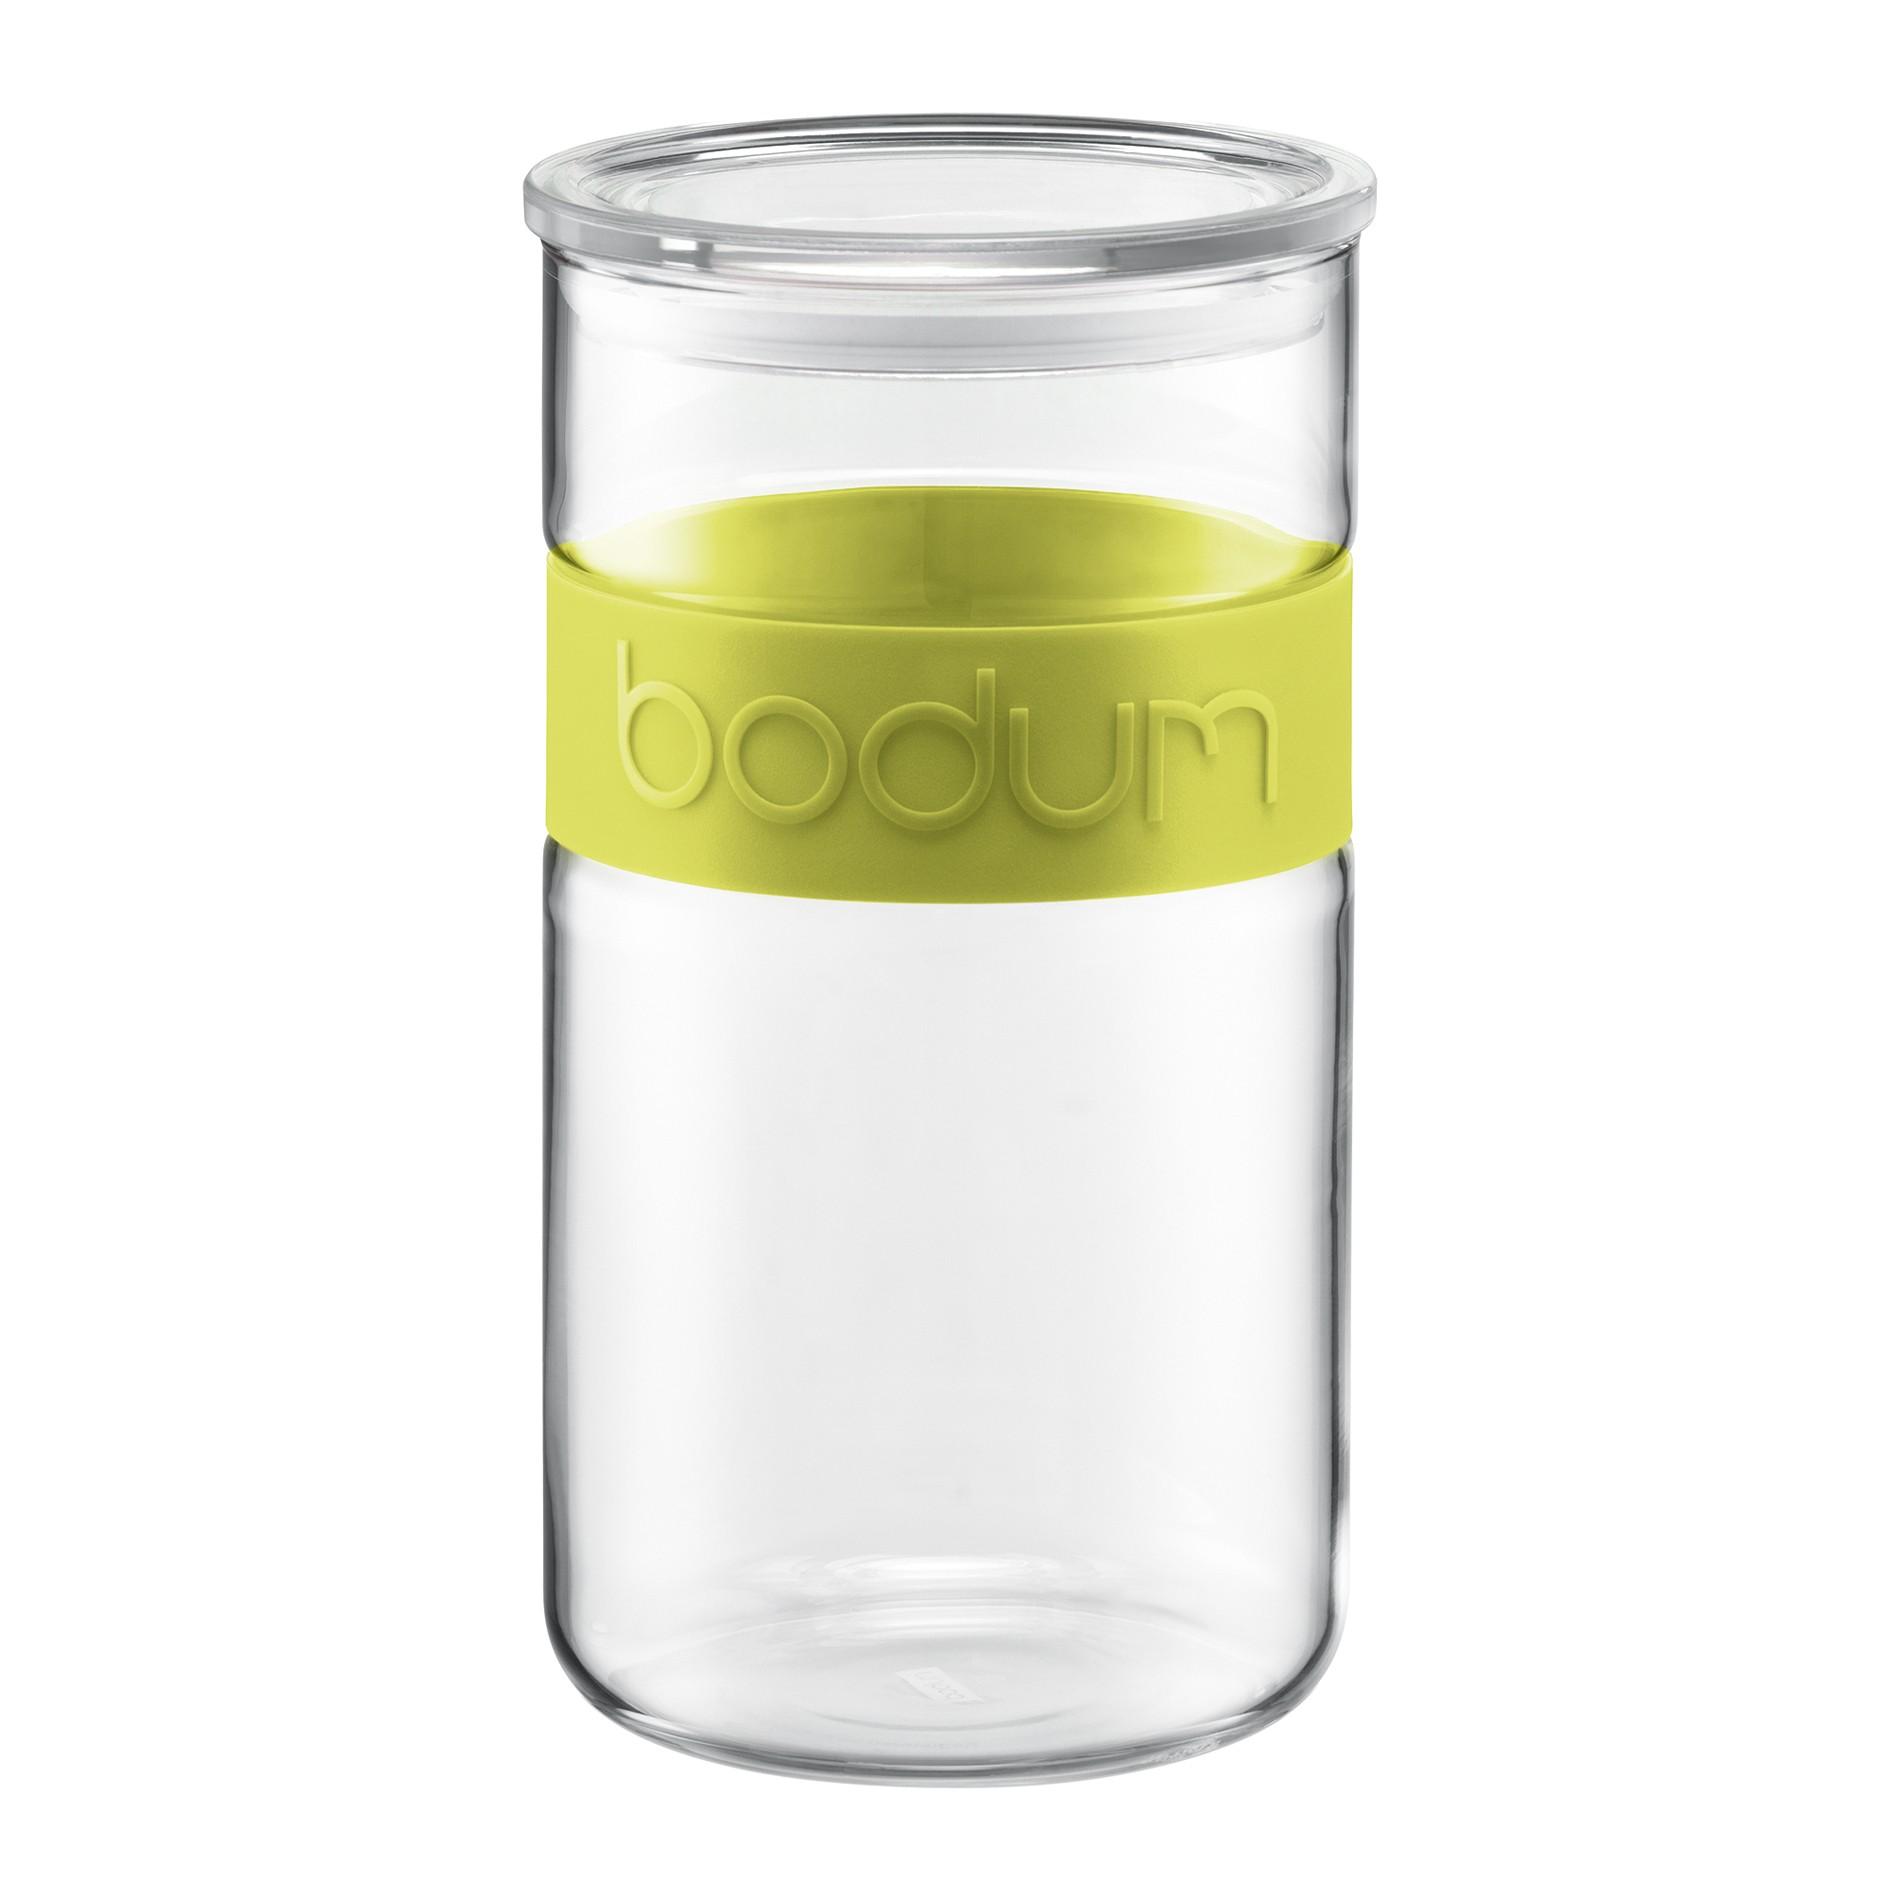 βάζο bodum γυάλινο λαχανί 2 lit home   ειδη cafe τσαϊ   δοχεία καφε   ζάχαρης